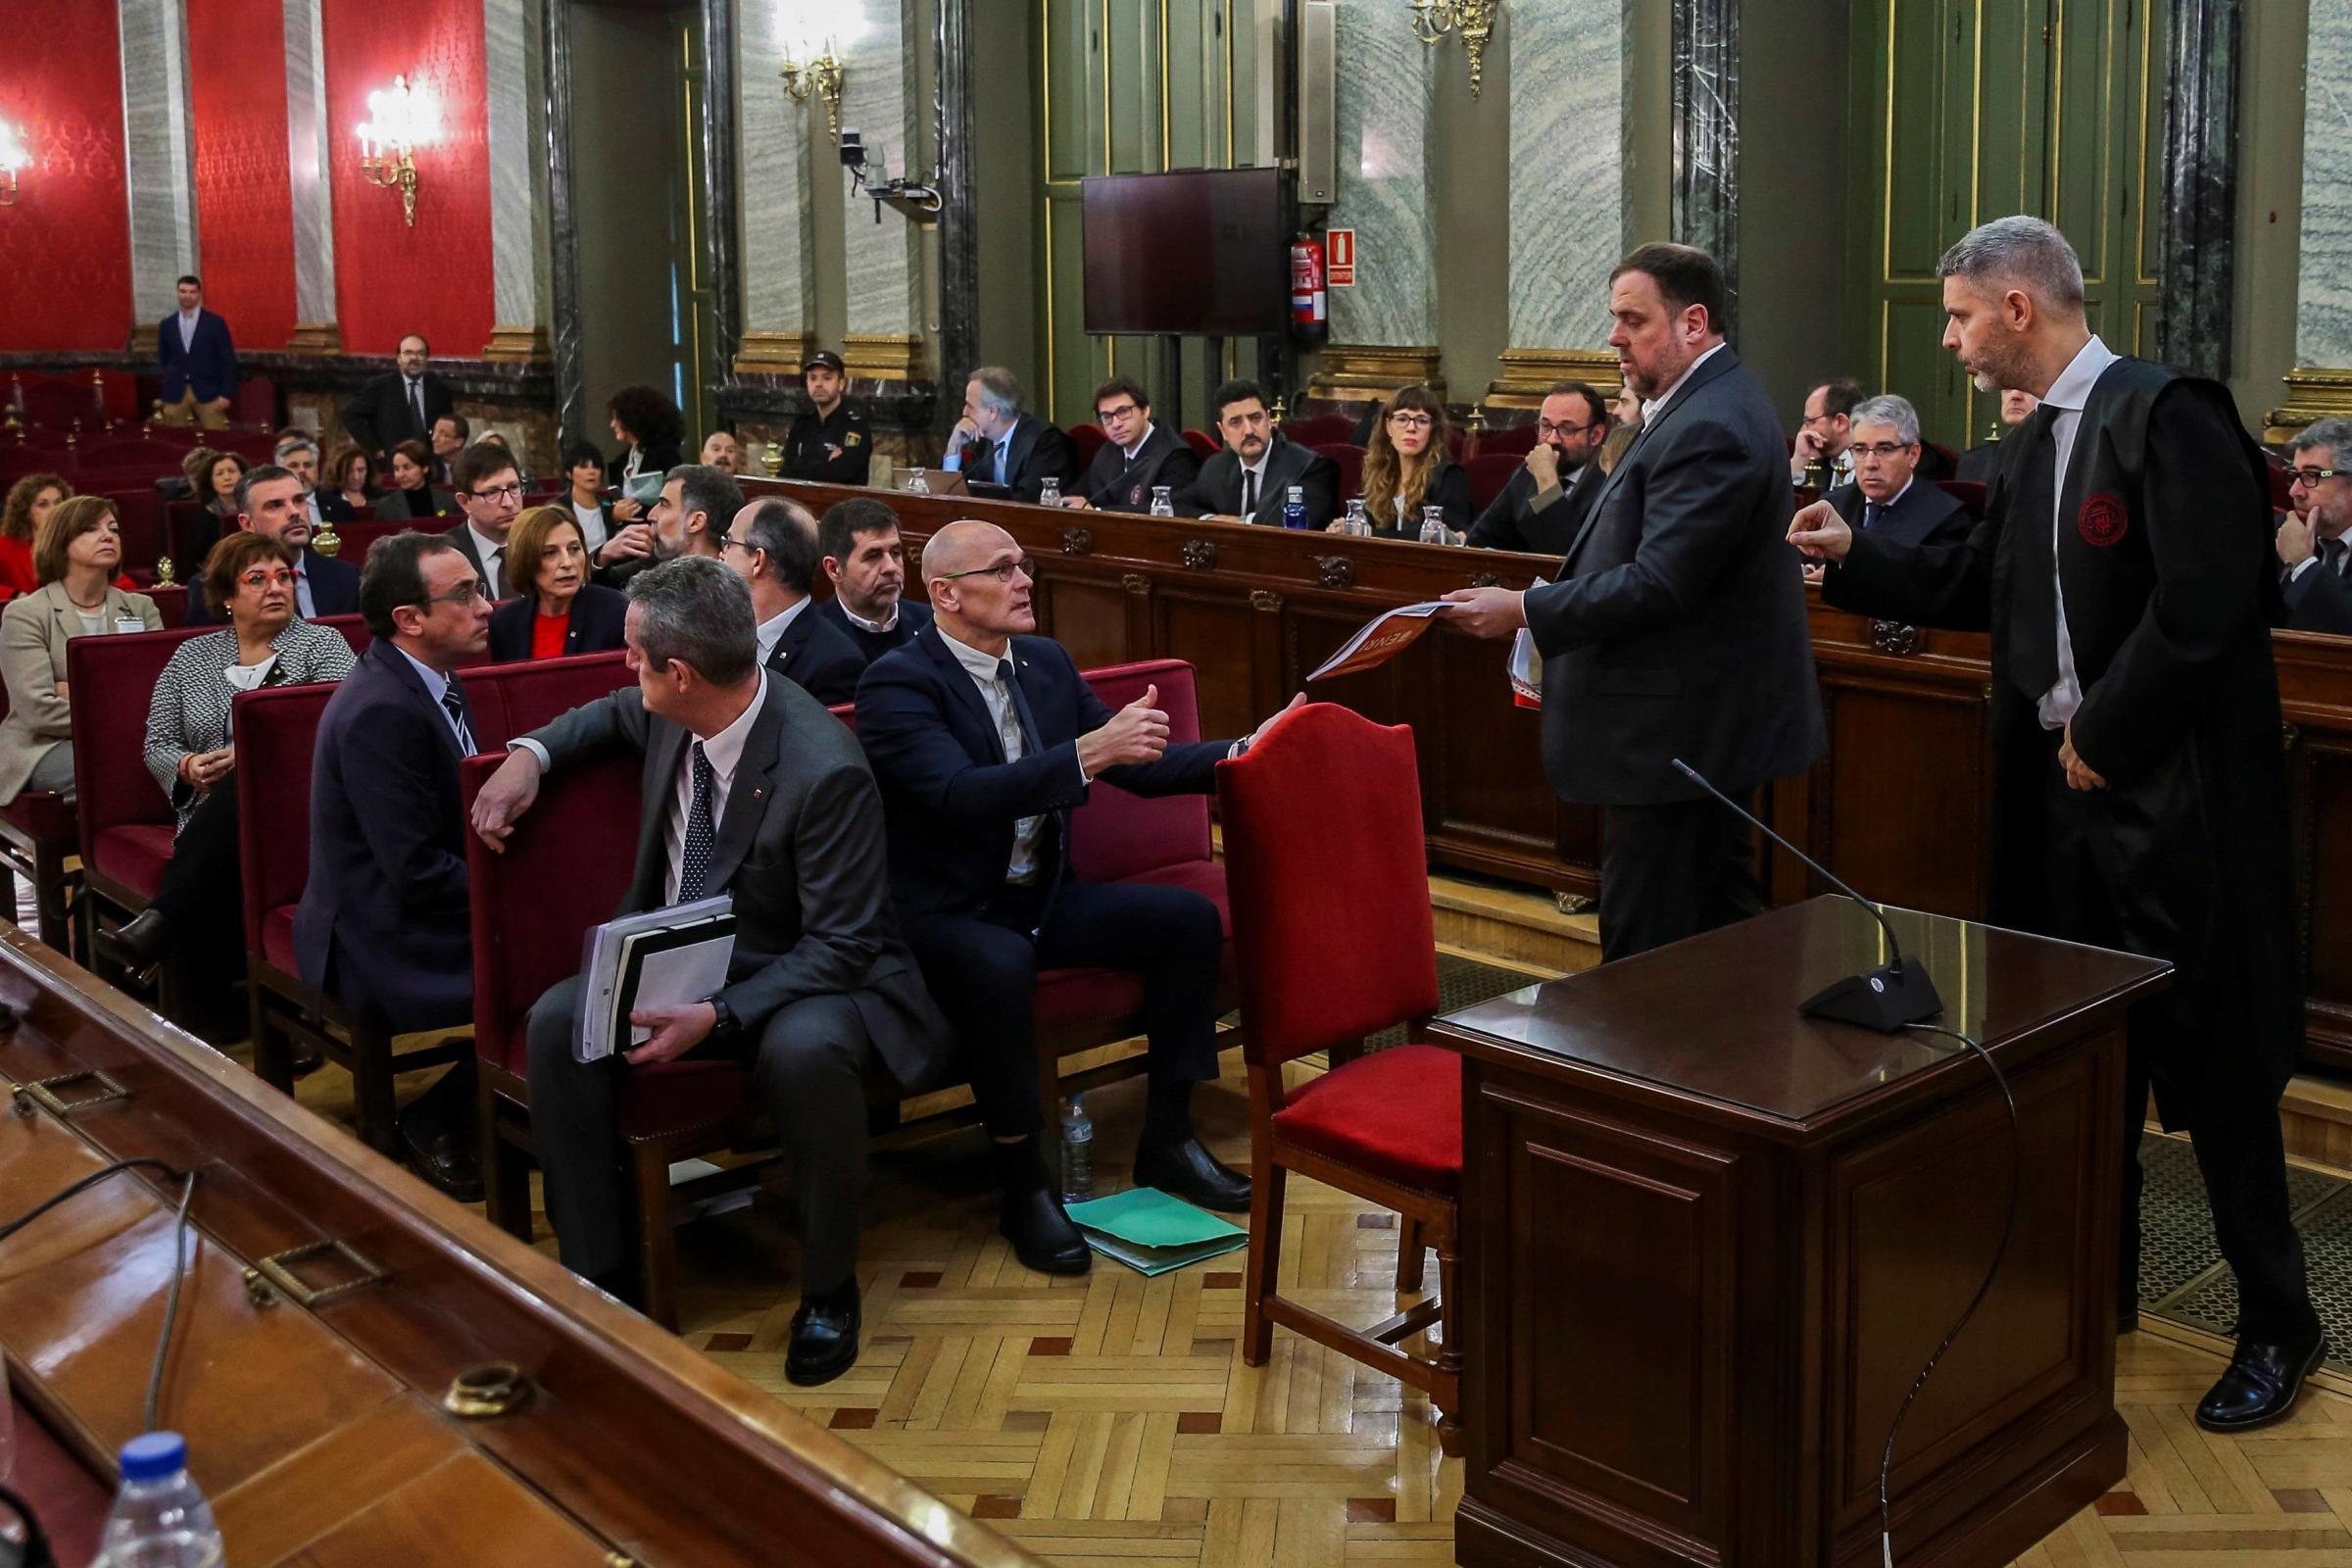 Case against Catalan indy figures based on 'lies', lawyer Andreu Van den Eynde says